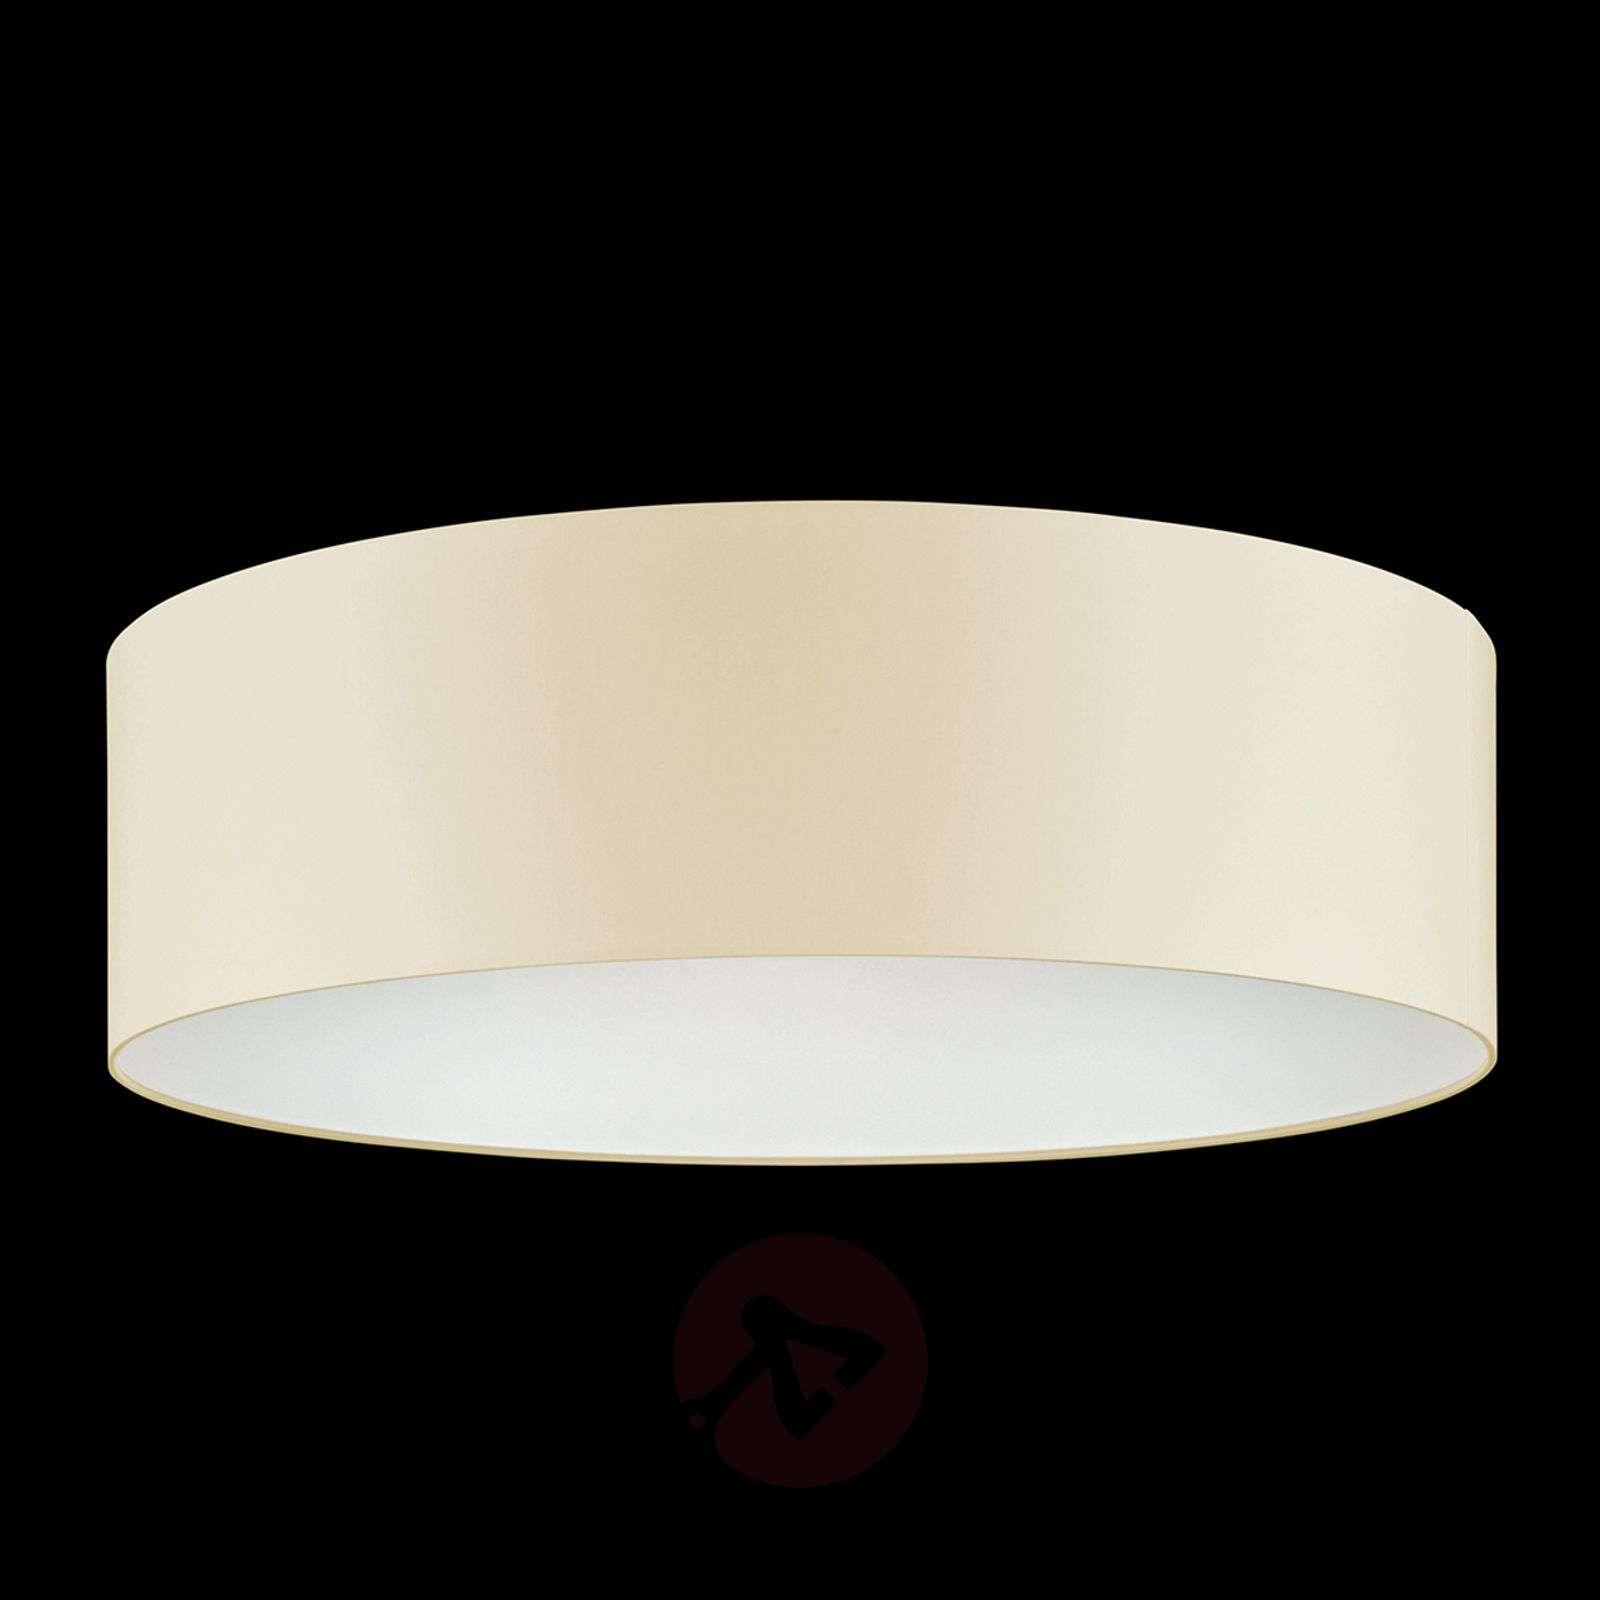 Kolmilamppuinen kattovalaisin Shine Loft, kerma-3525321-01